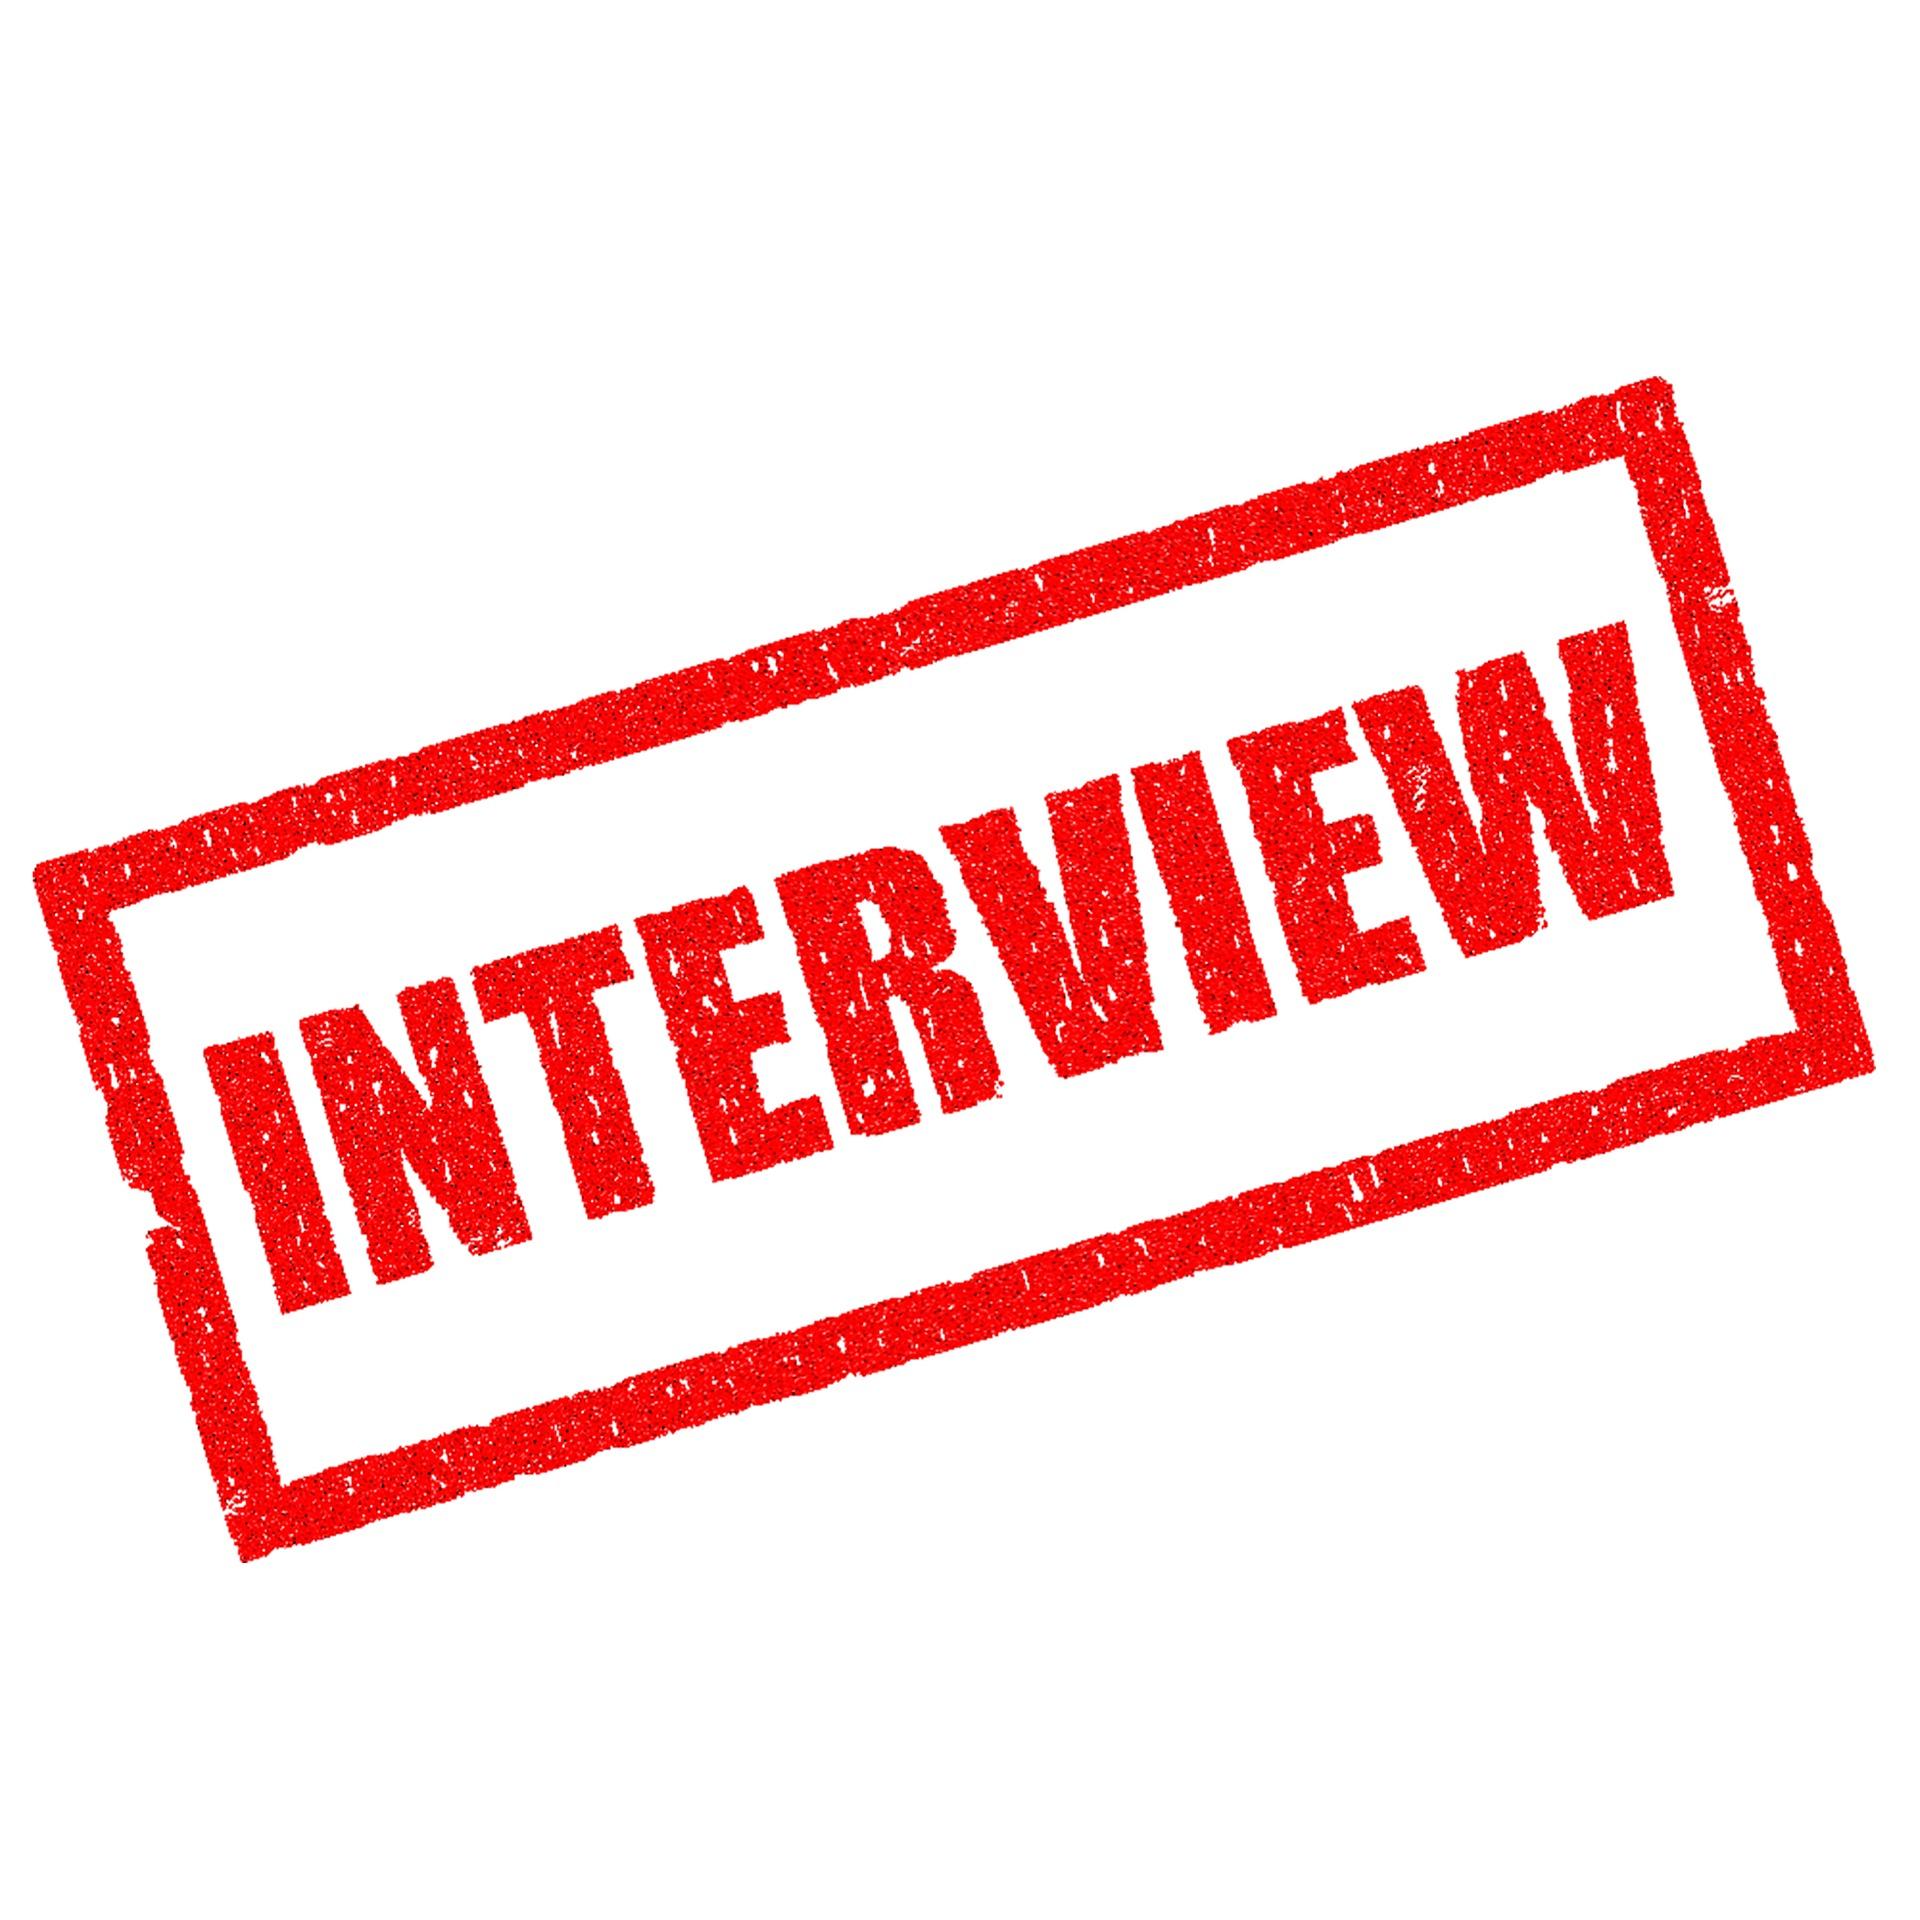 Hasil gambar untuk gugup  wawancara kerja